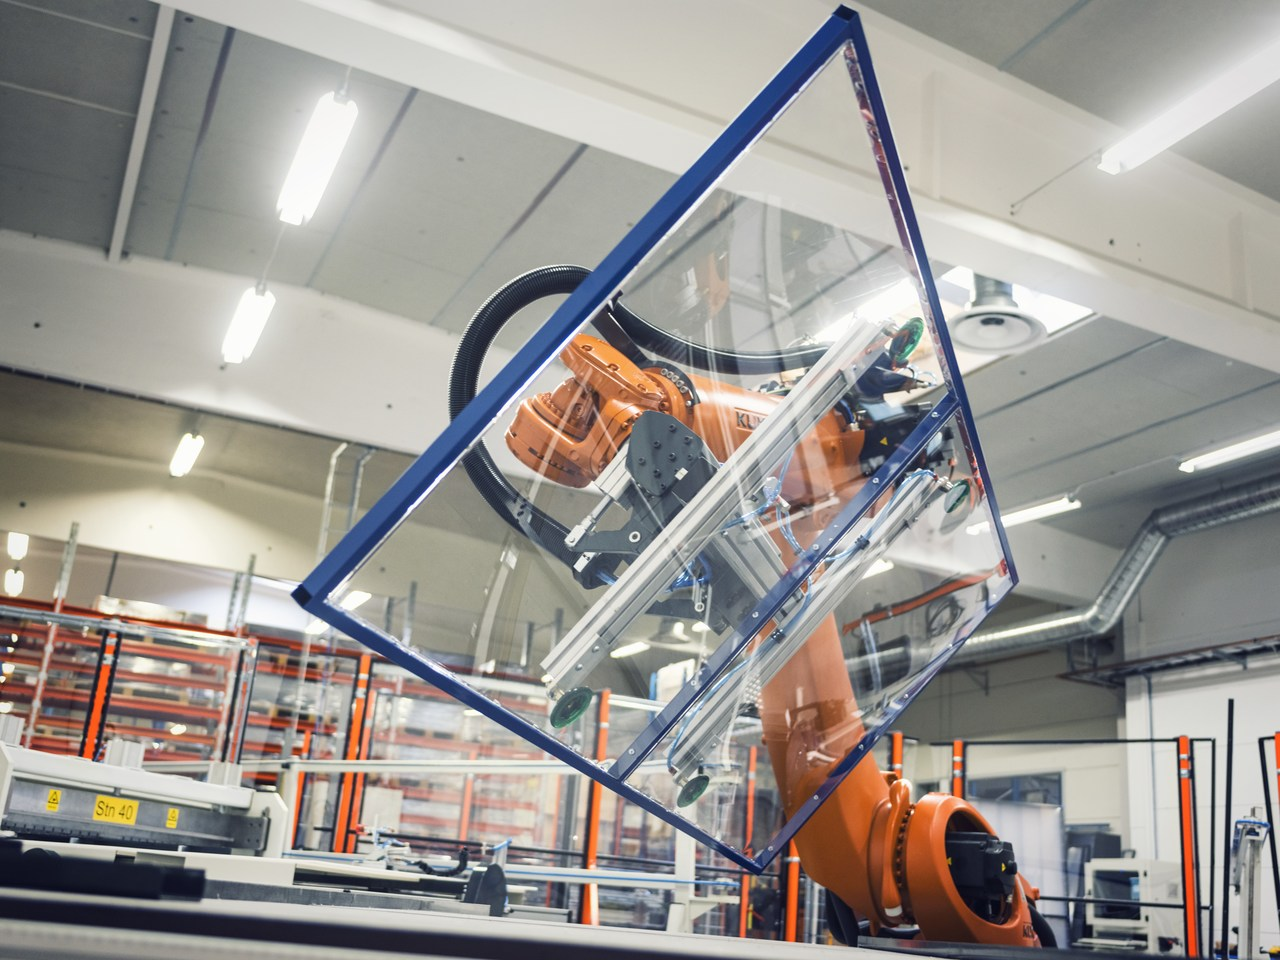 Bezpieczeństwo coraz ważniejsze w przemysłowej rewolucji 4.0.